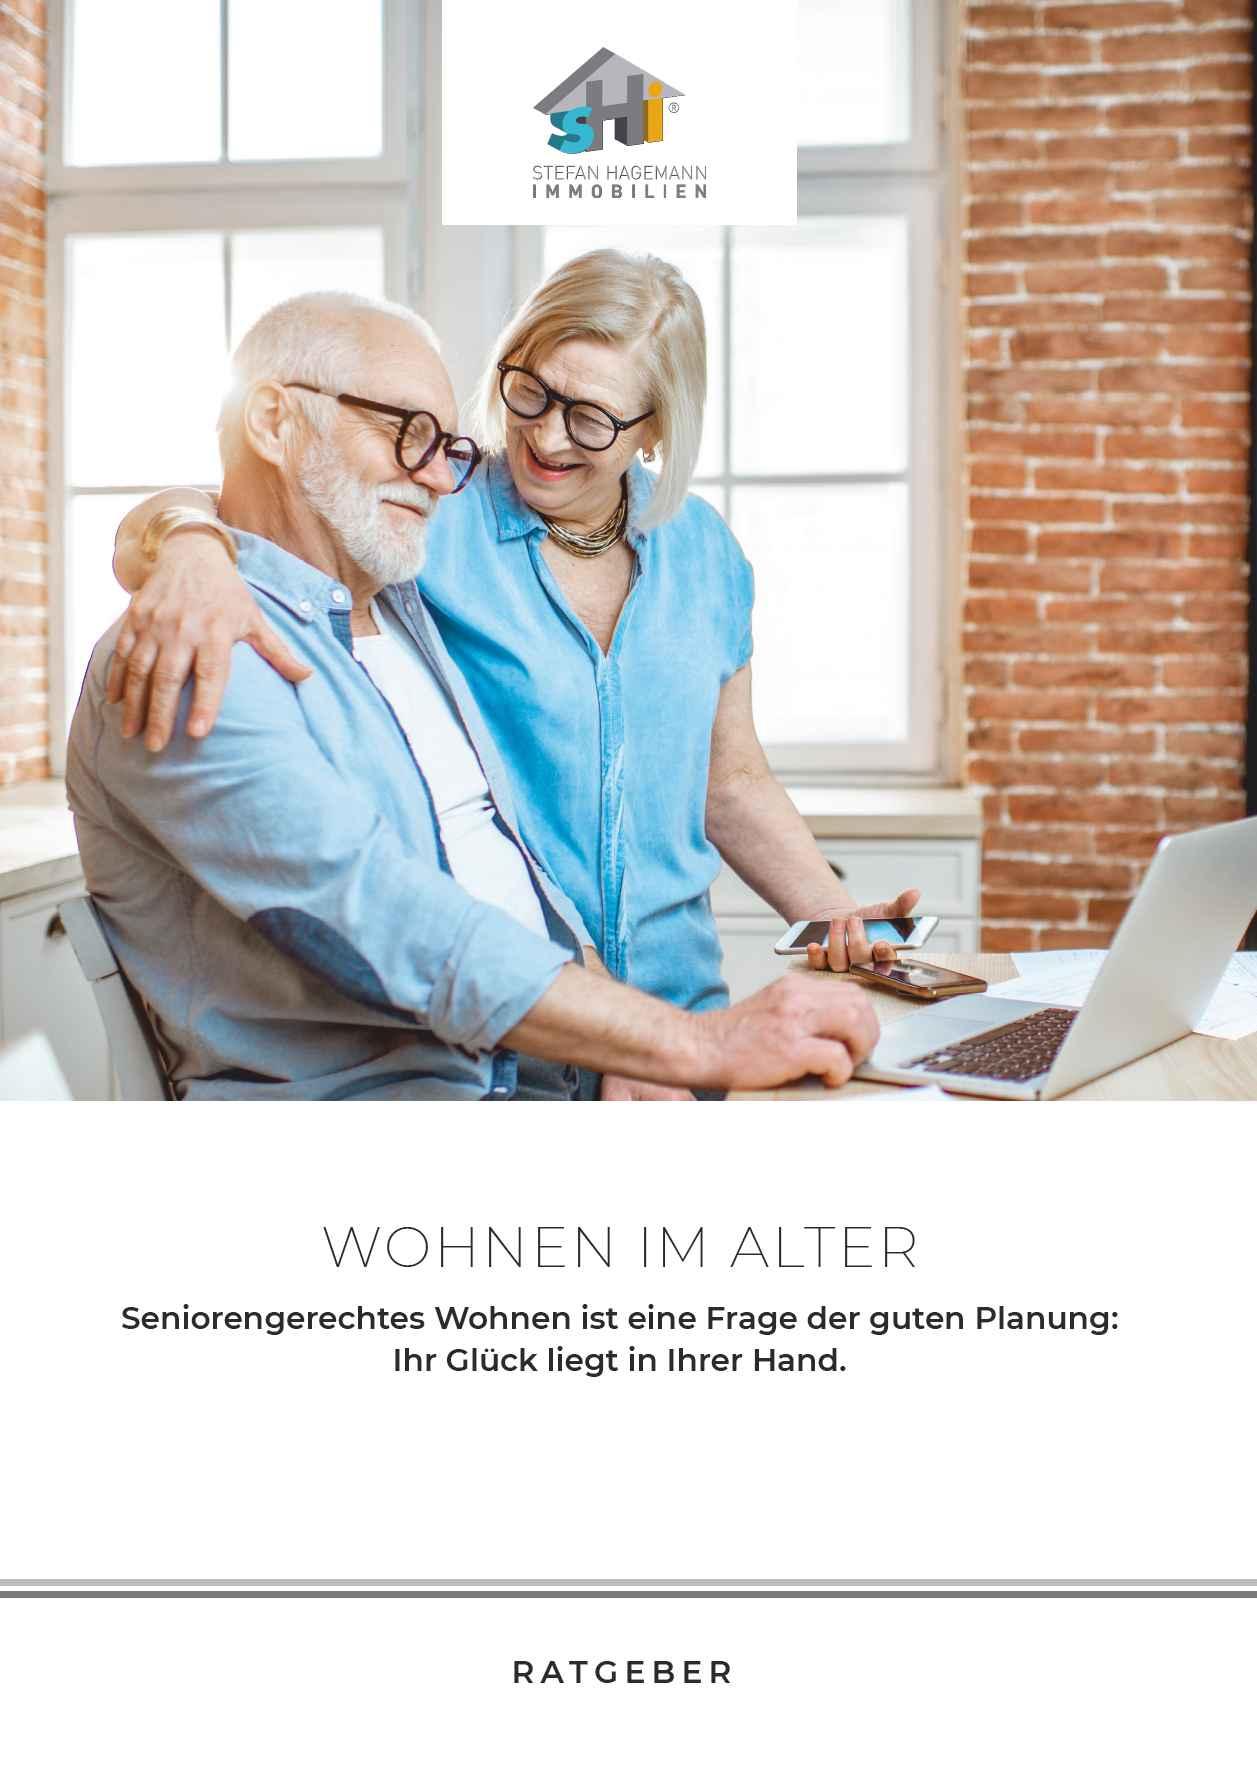 Ratgeber über das Wohnen im Alter